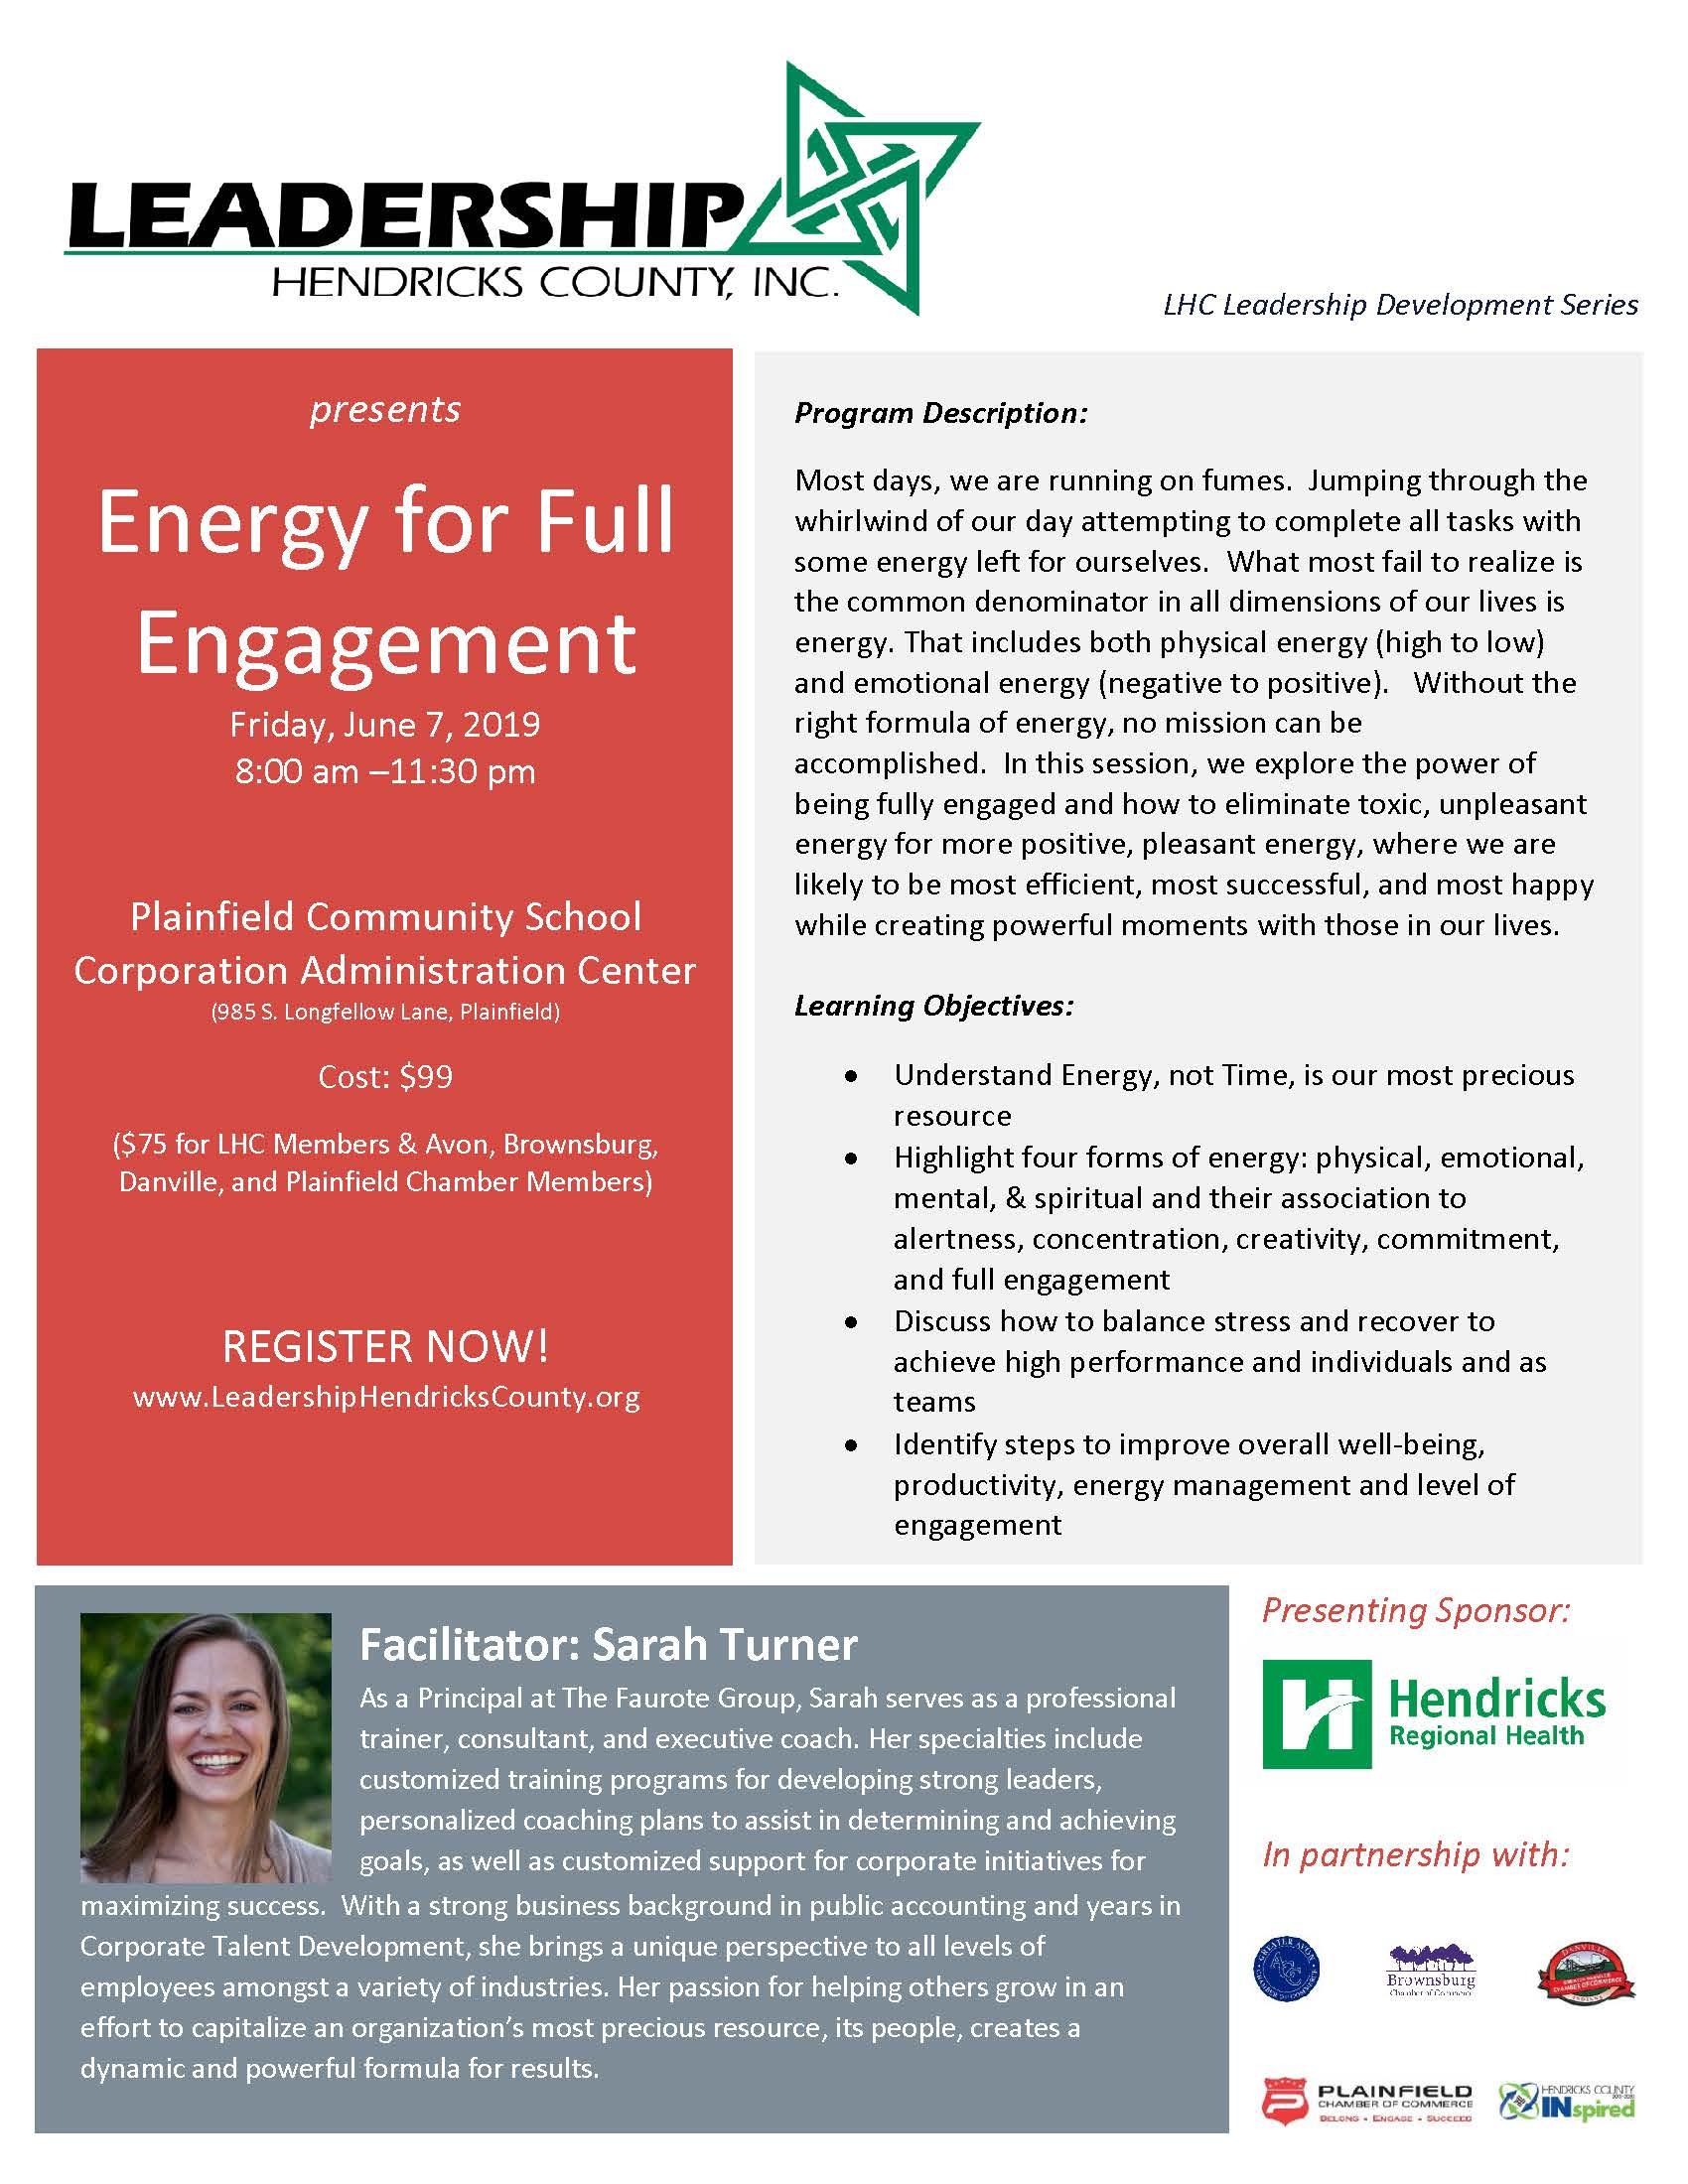 Energy for Full Engagement